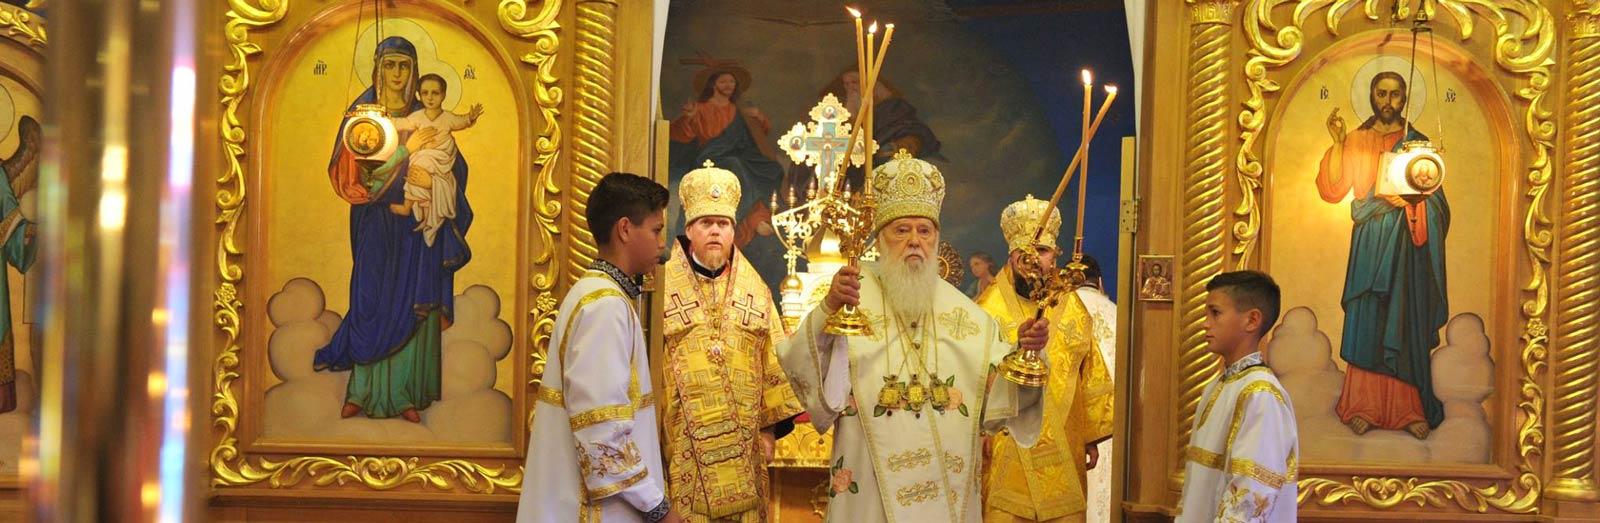 Претенденти на Київський престол. Хто очолить незалежну українську Церкву